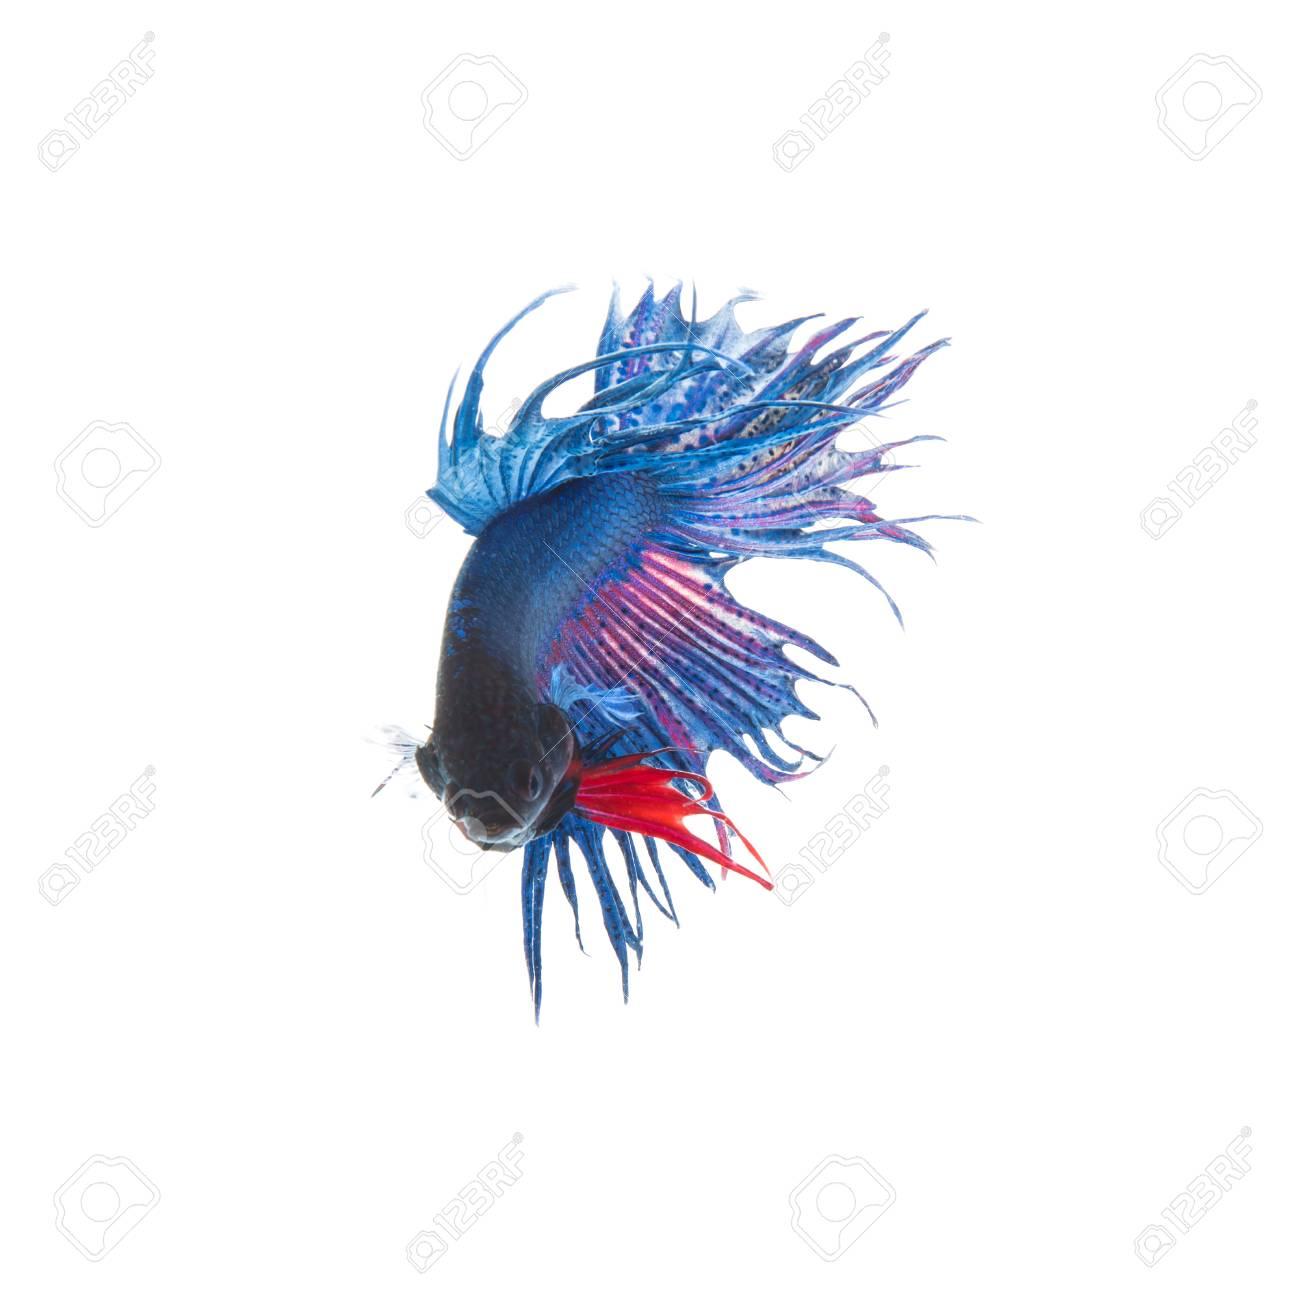 Immagini Stock Siamese Lotta Pesce Azzurro Betta Splendens